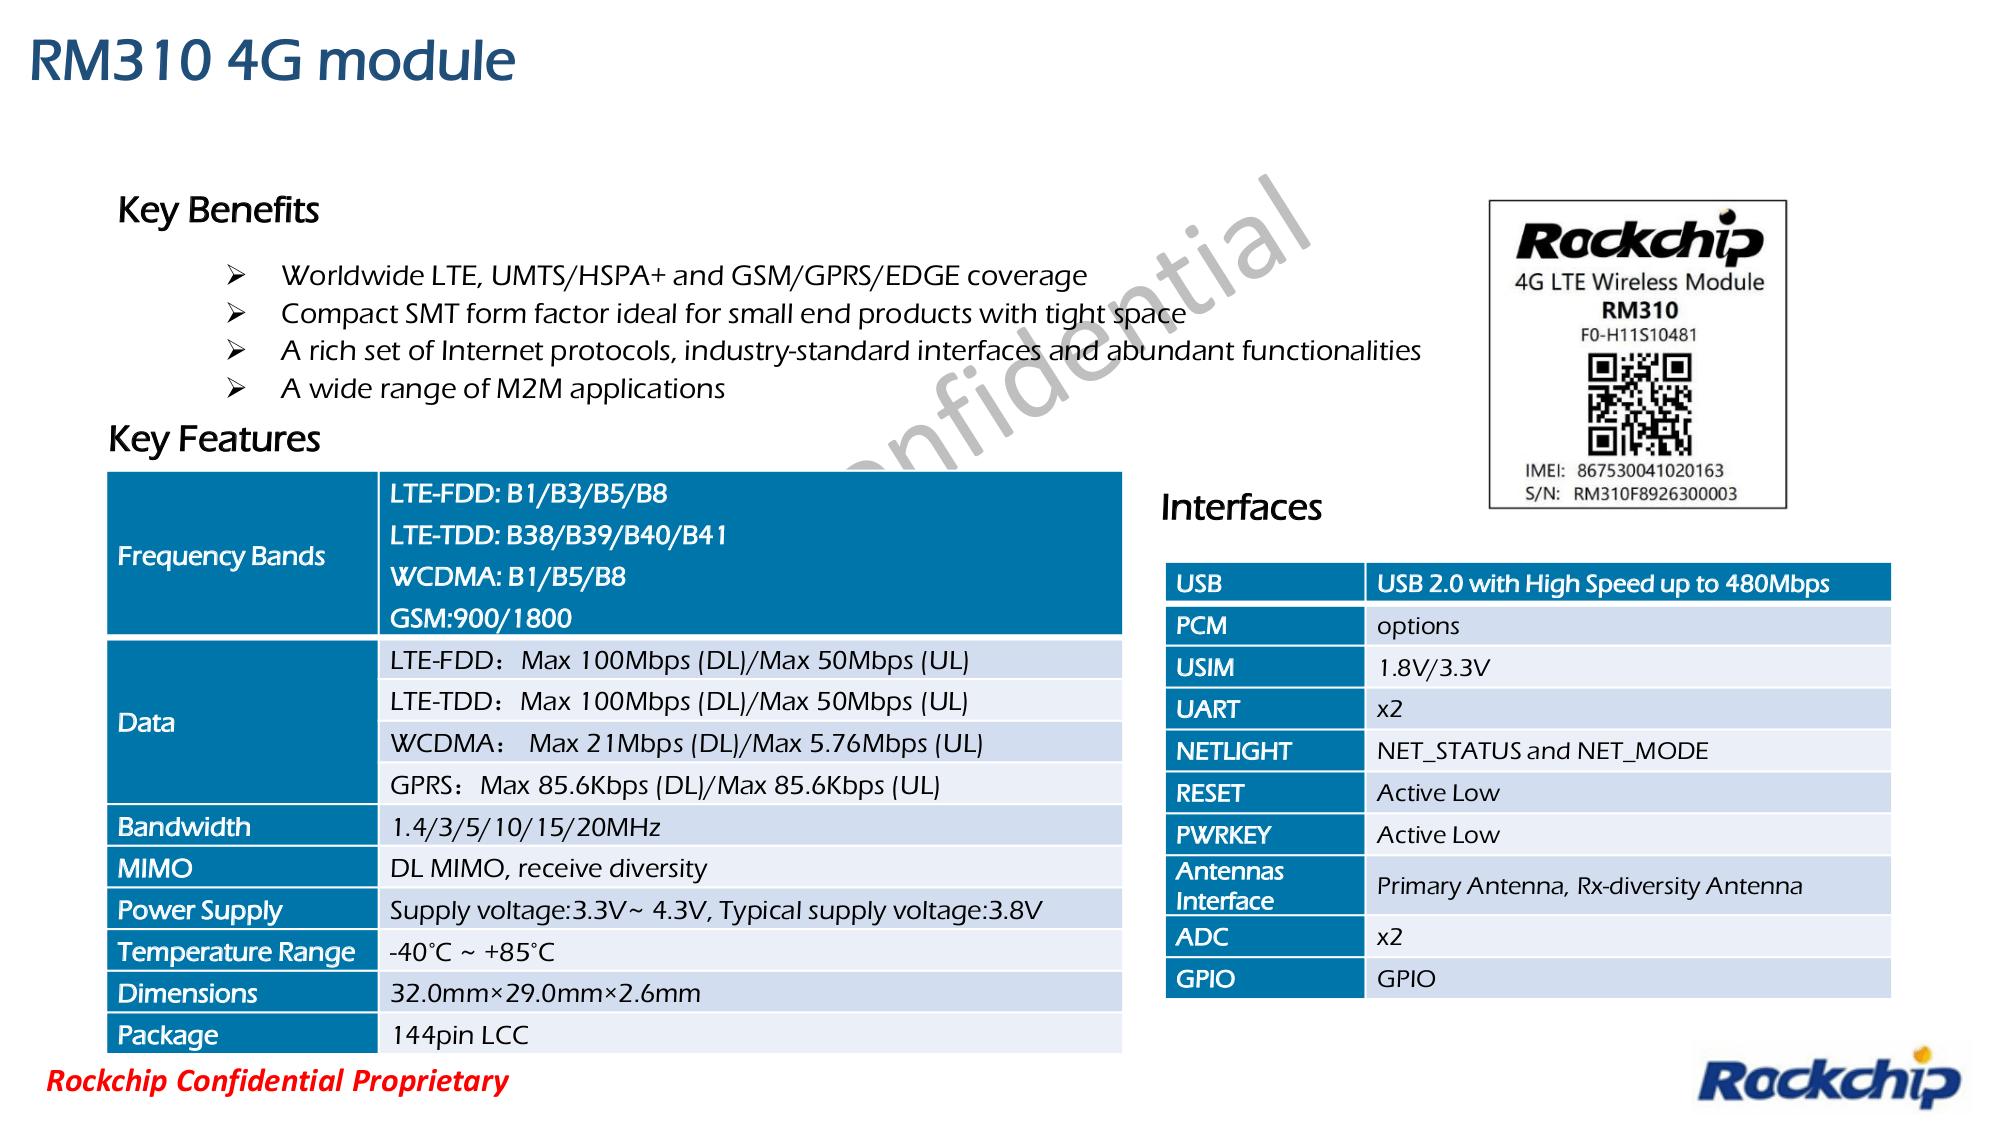 Rockchip RM310 4G Module